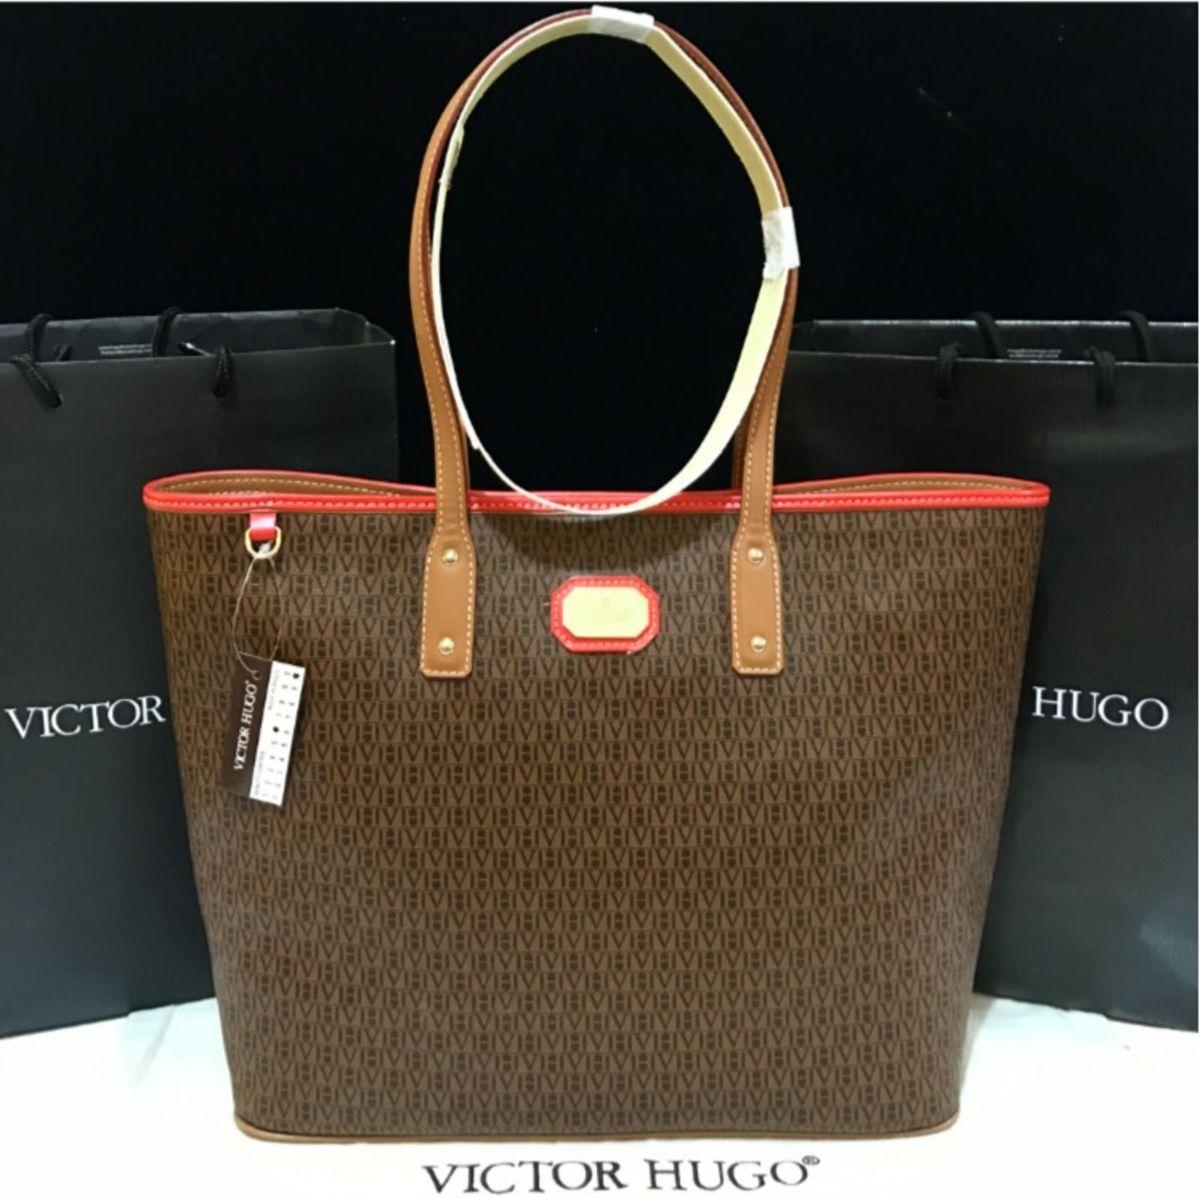 796adc12ae33f Bolsa Victor Hugo Original - Nova!!!   Bolsa de Ombro Feminina ...